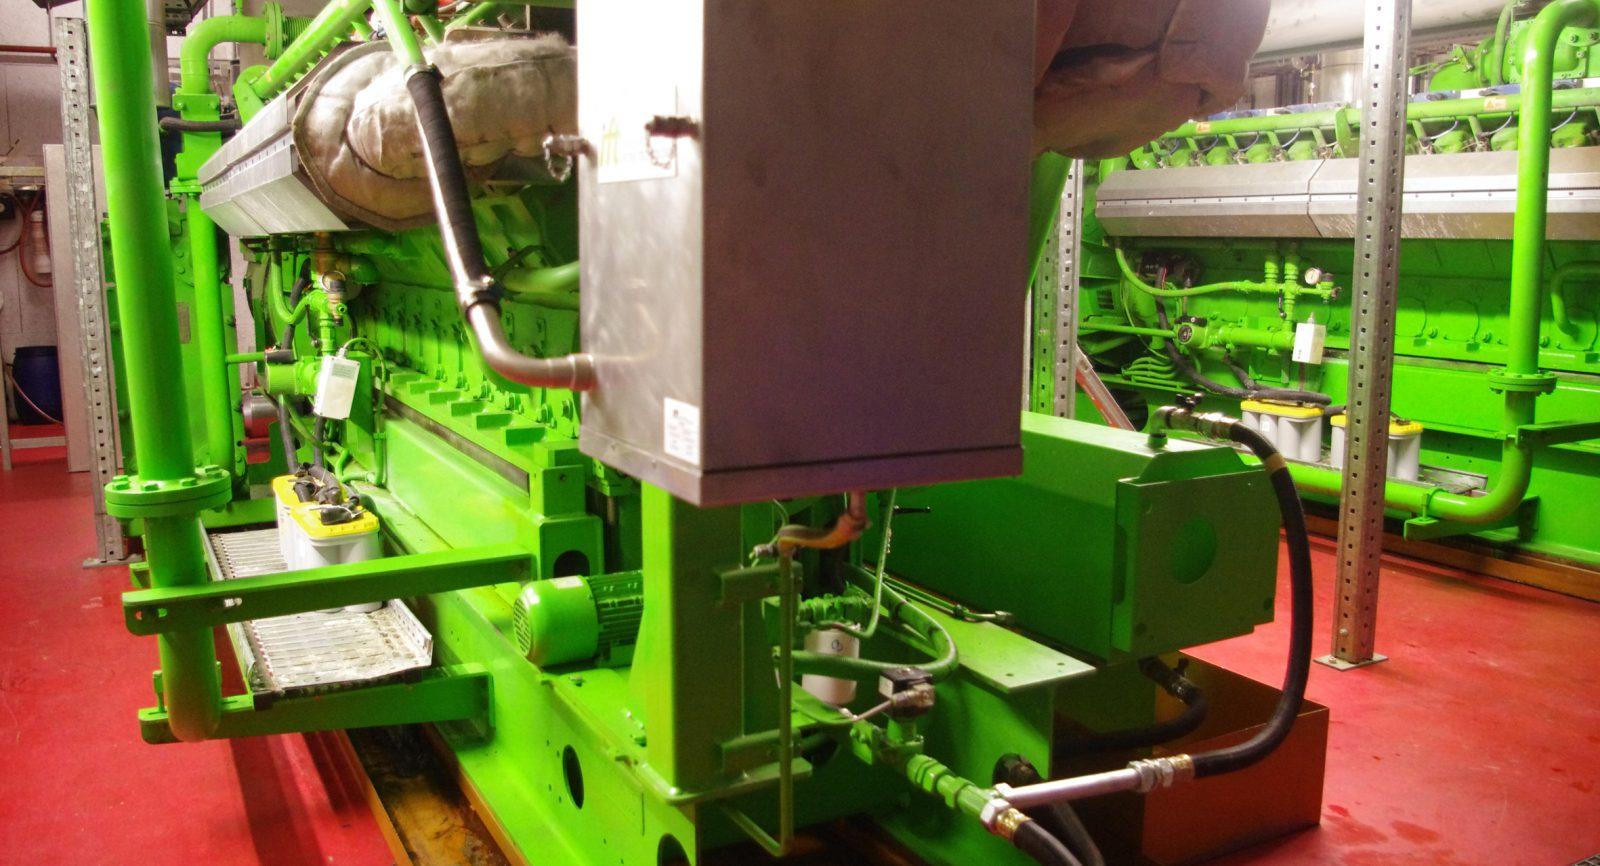 Zwei Blockheizkraftwerke dienen der Verwertung des Biogases zu Wärme und Strom.